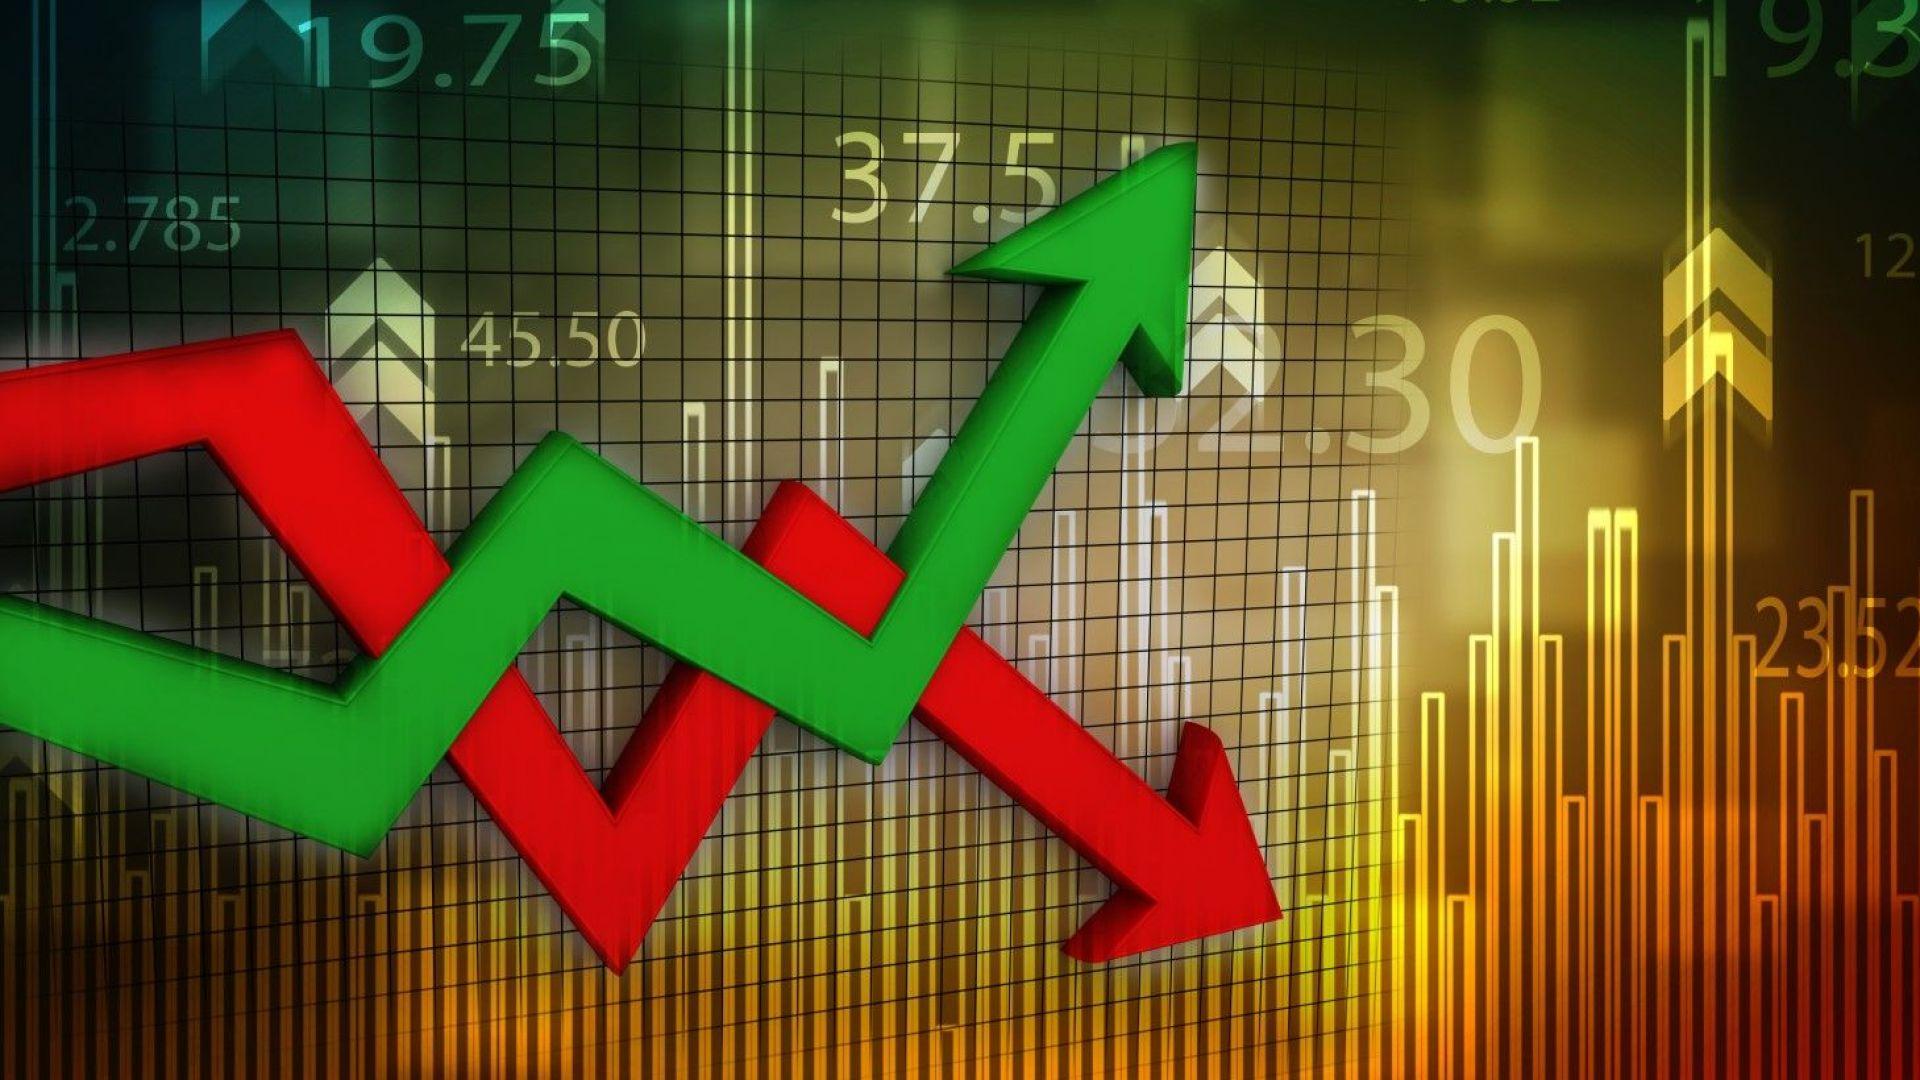 НСИ отчете 0,1% месечна инфлация: как се промениха цените през ноември?